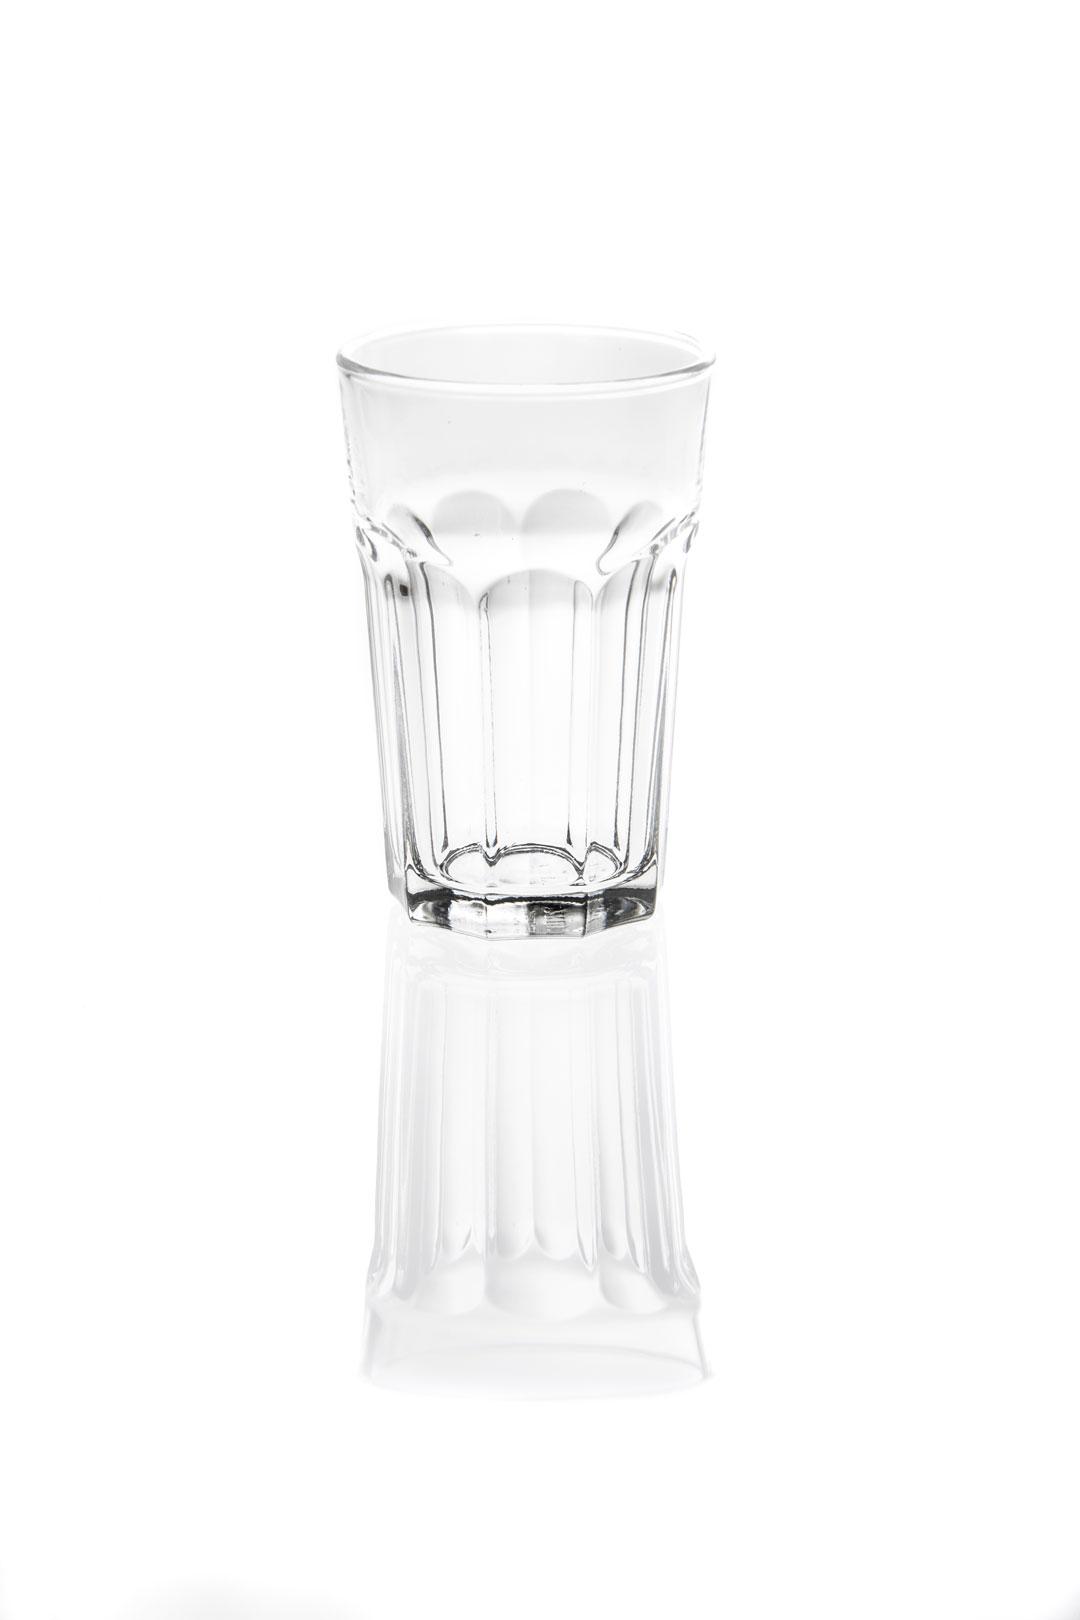 photo-eucleia-sylvie-berthoz-saint-maximin-paca-sud-france-est-marseille-toulon-aix-verte-objet-verre-verrerie-vaisselle-cuisine-table-art-menager